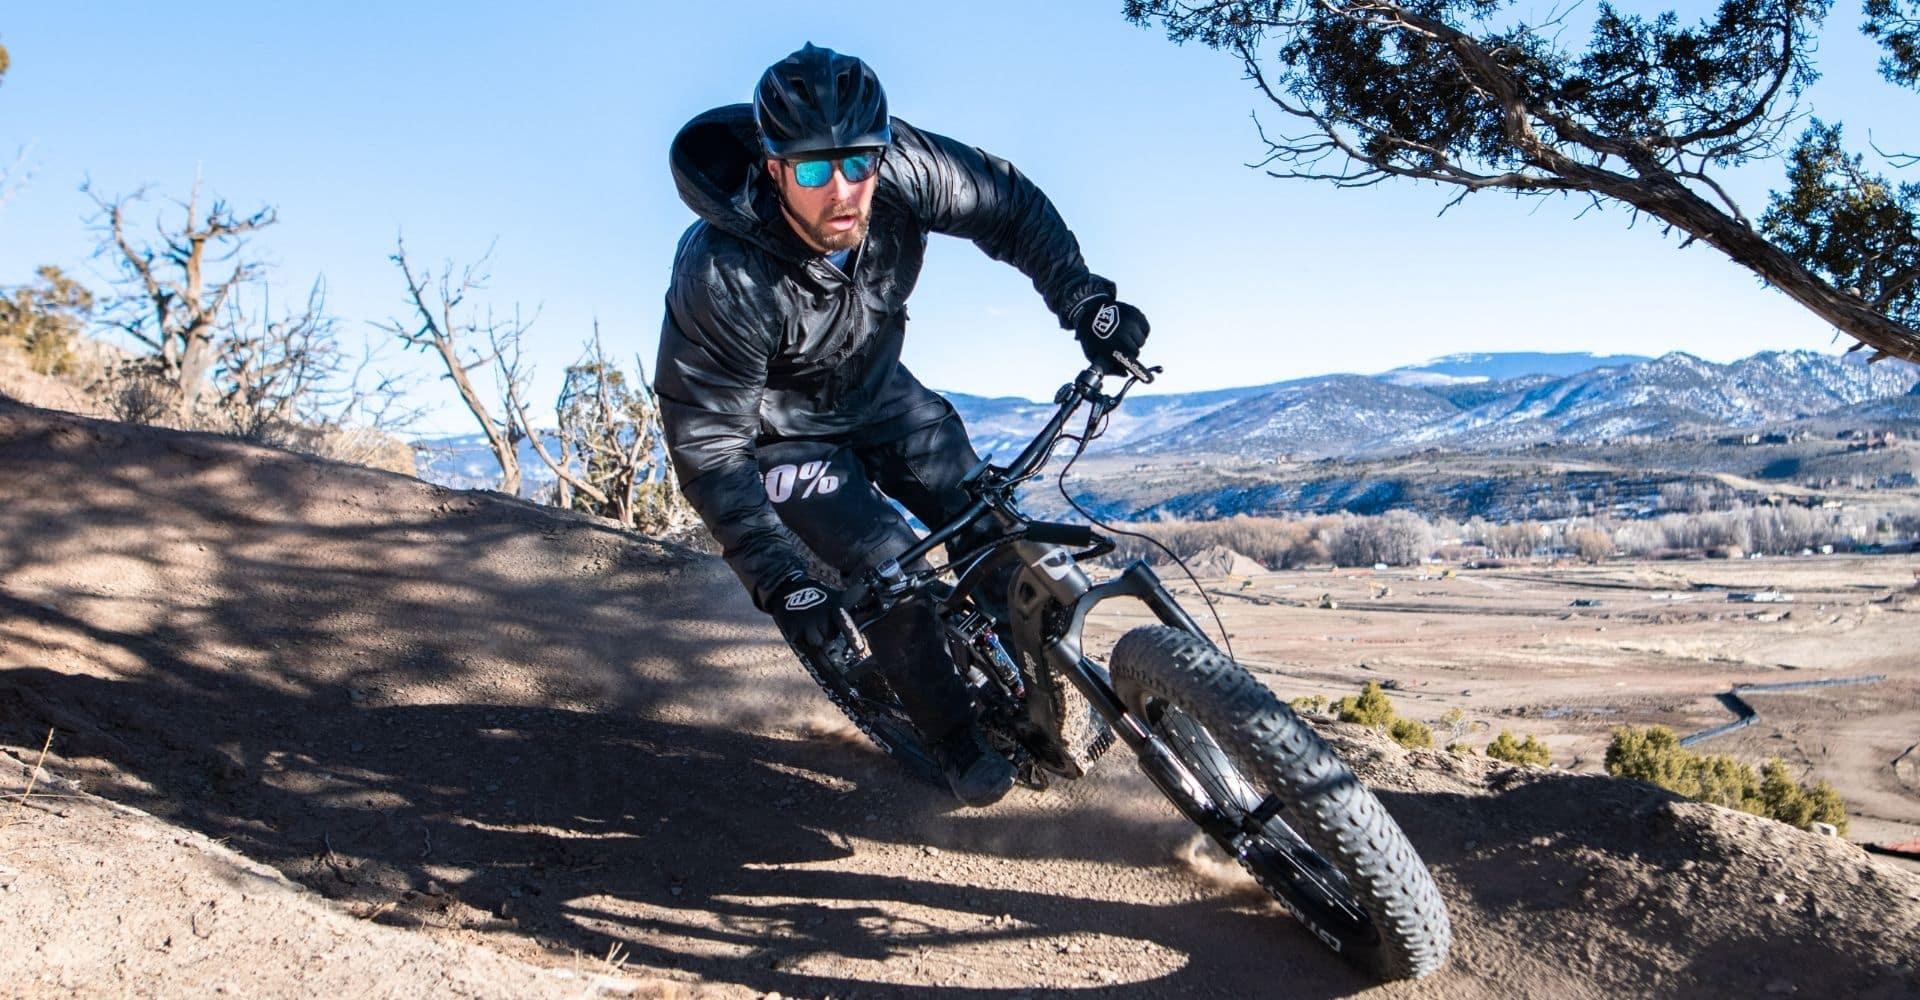 Jeep E-bike Off-road Course